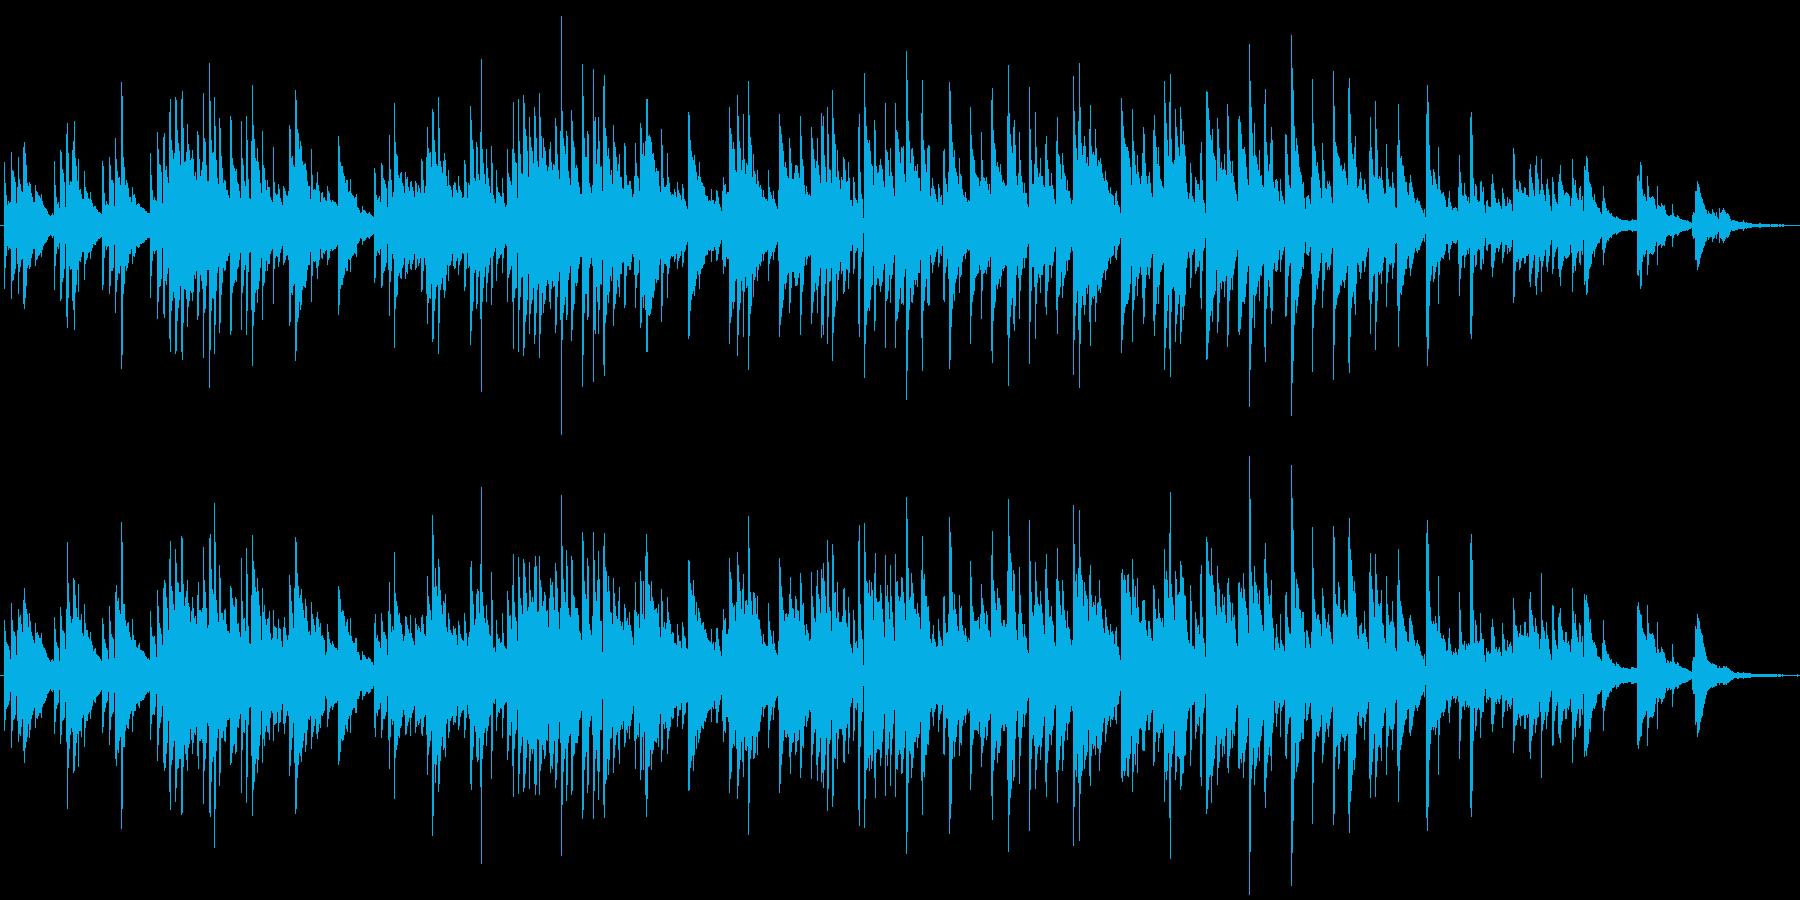 ギターデュオによる、しんみりせつない曲の再生済みの波形